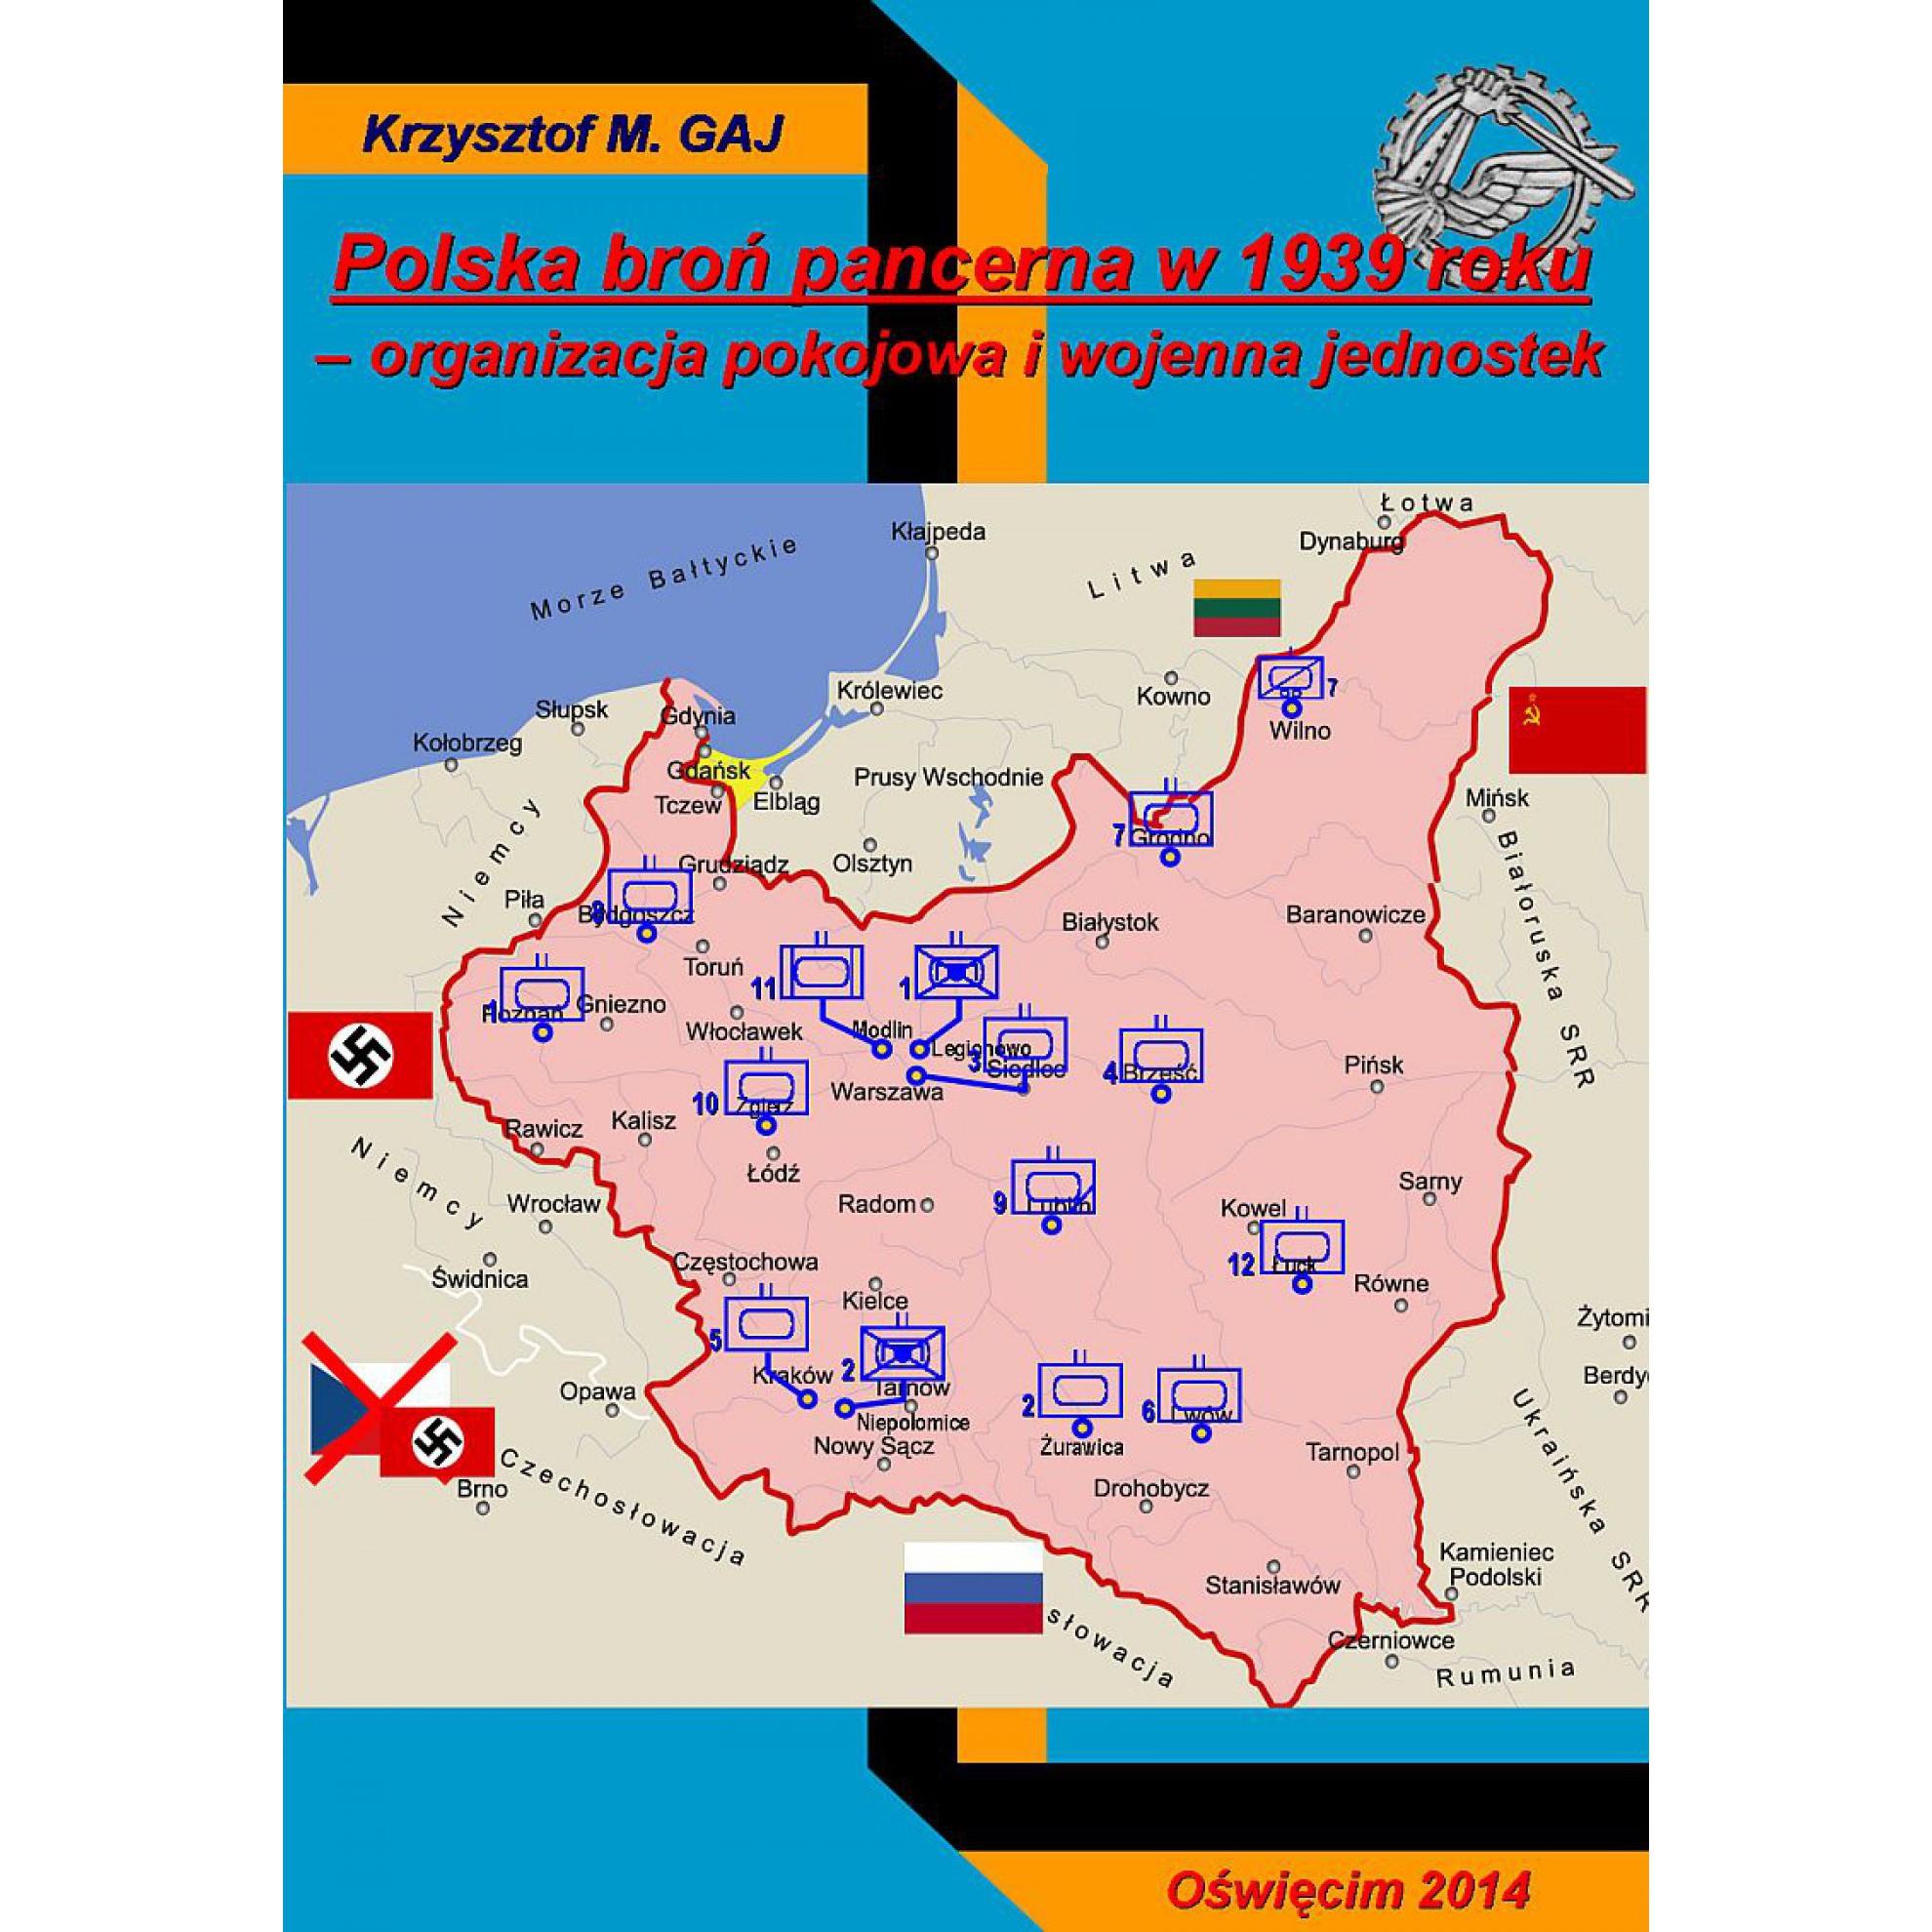 Polska broń pancerna w 1939 r. – Organizacja pokojowa i wojenna jednostek - Outlet